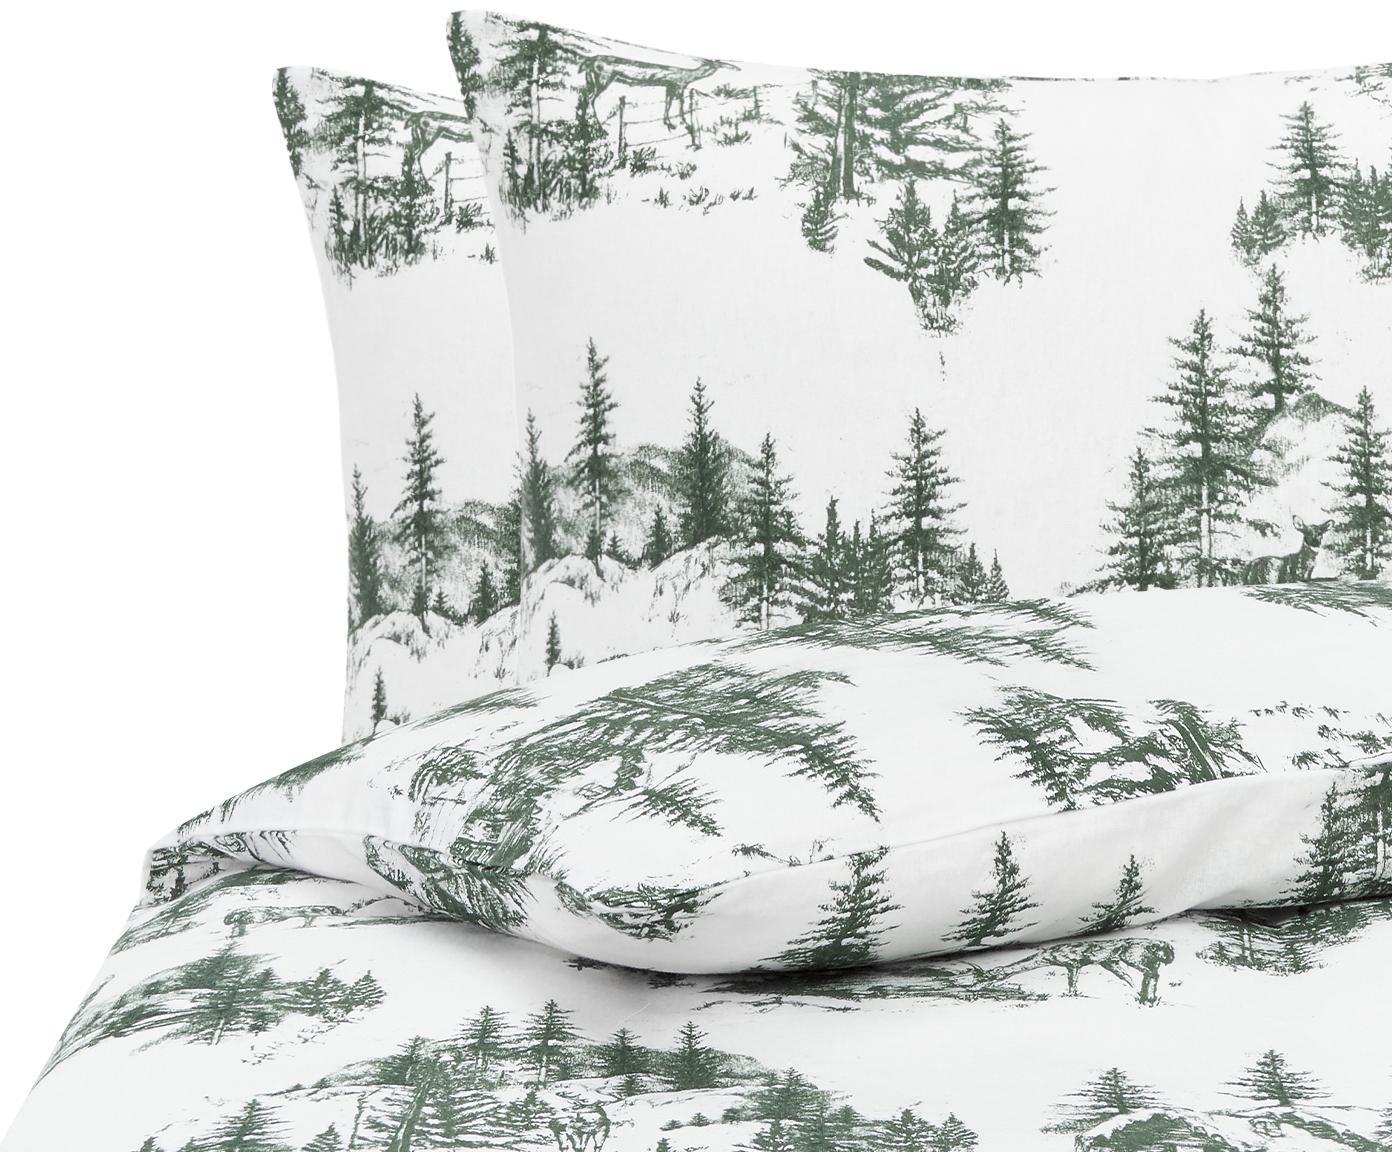 Flanell-Bettwäsche Nordic mit winterlichem Motiv, Webart: Flanell Flanell ist ein s, Grün, Weiß, 240 x 220 cm + 2 Kissen 80 x 80 cm